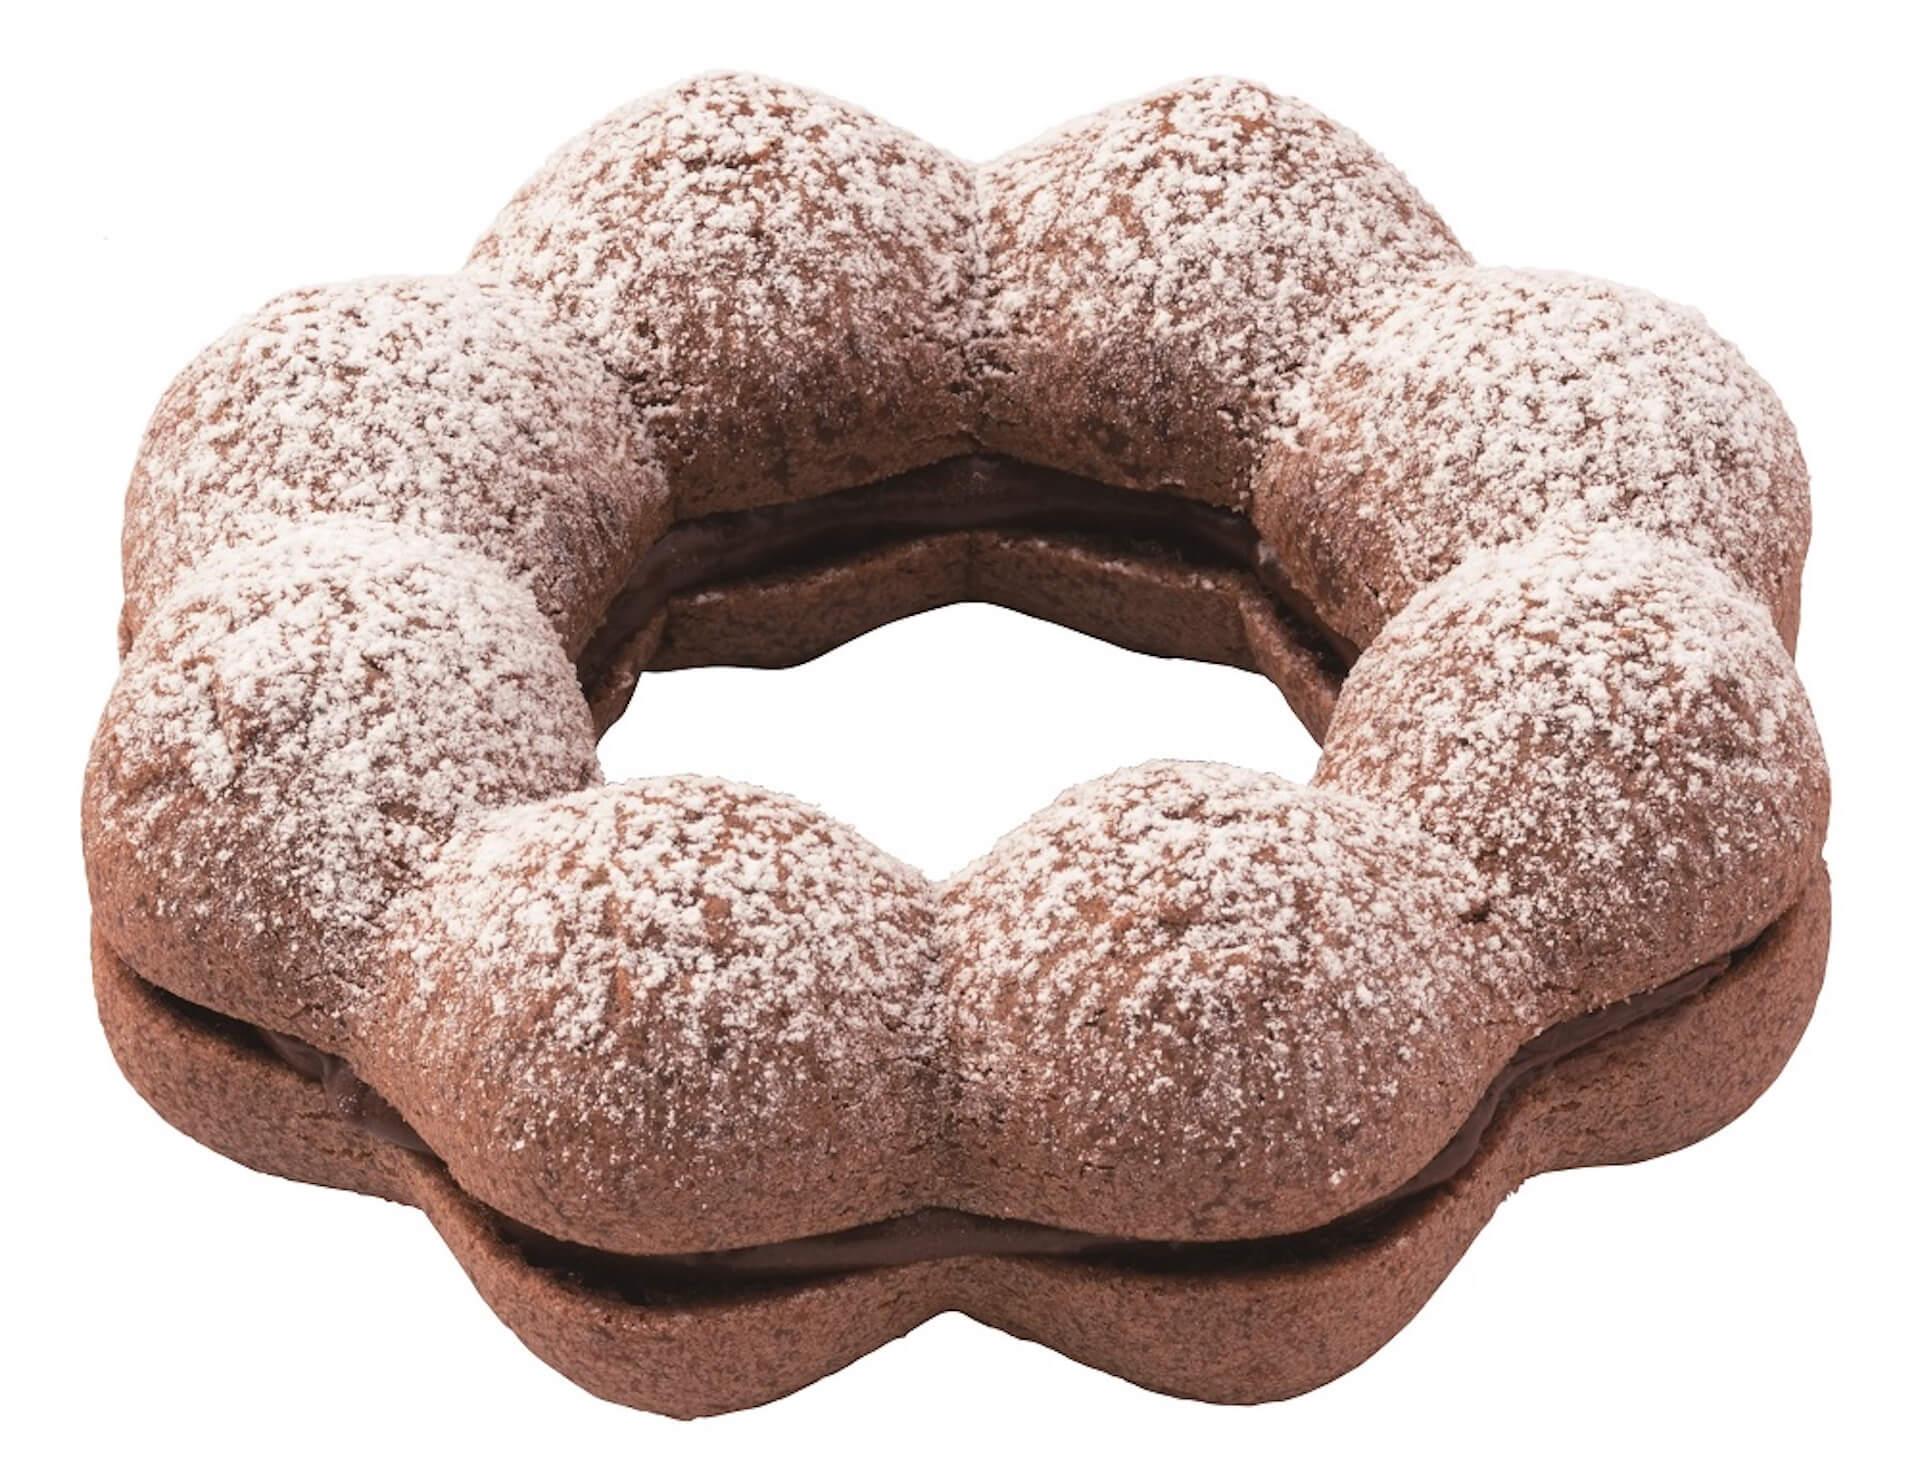 ミスタードーナツからもちもち食感の『ポン・デ・ショコラ』シリーズが今年も期間限定で登場!今年は5種類 gourmet20201028_misterdonut_3